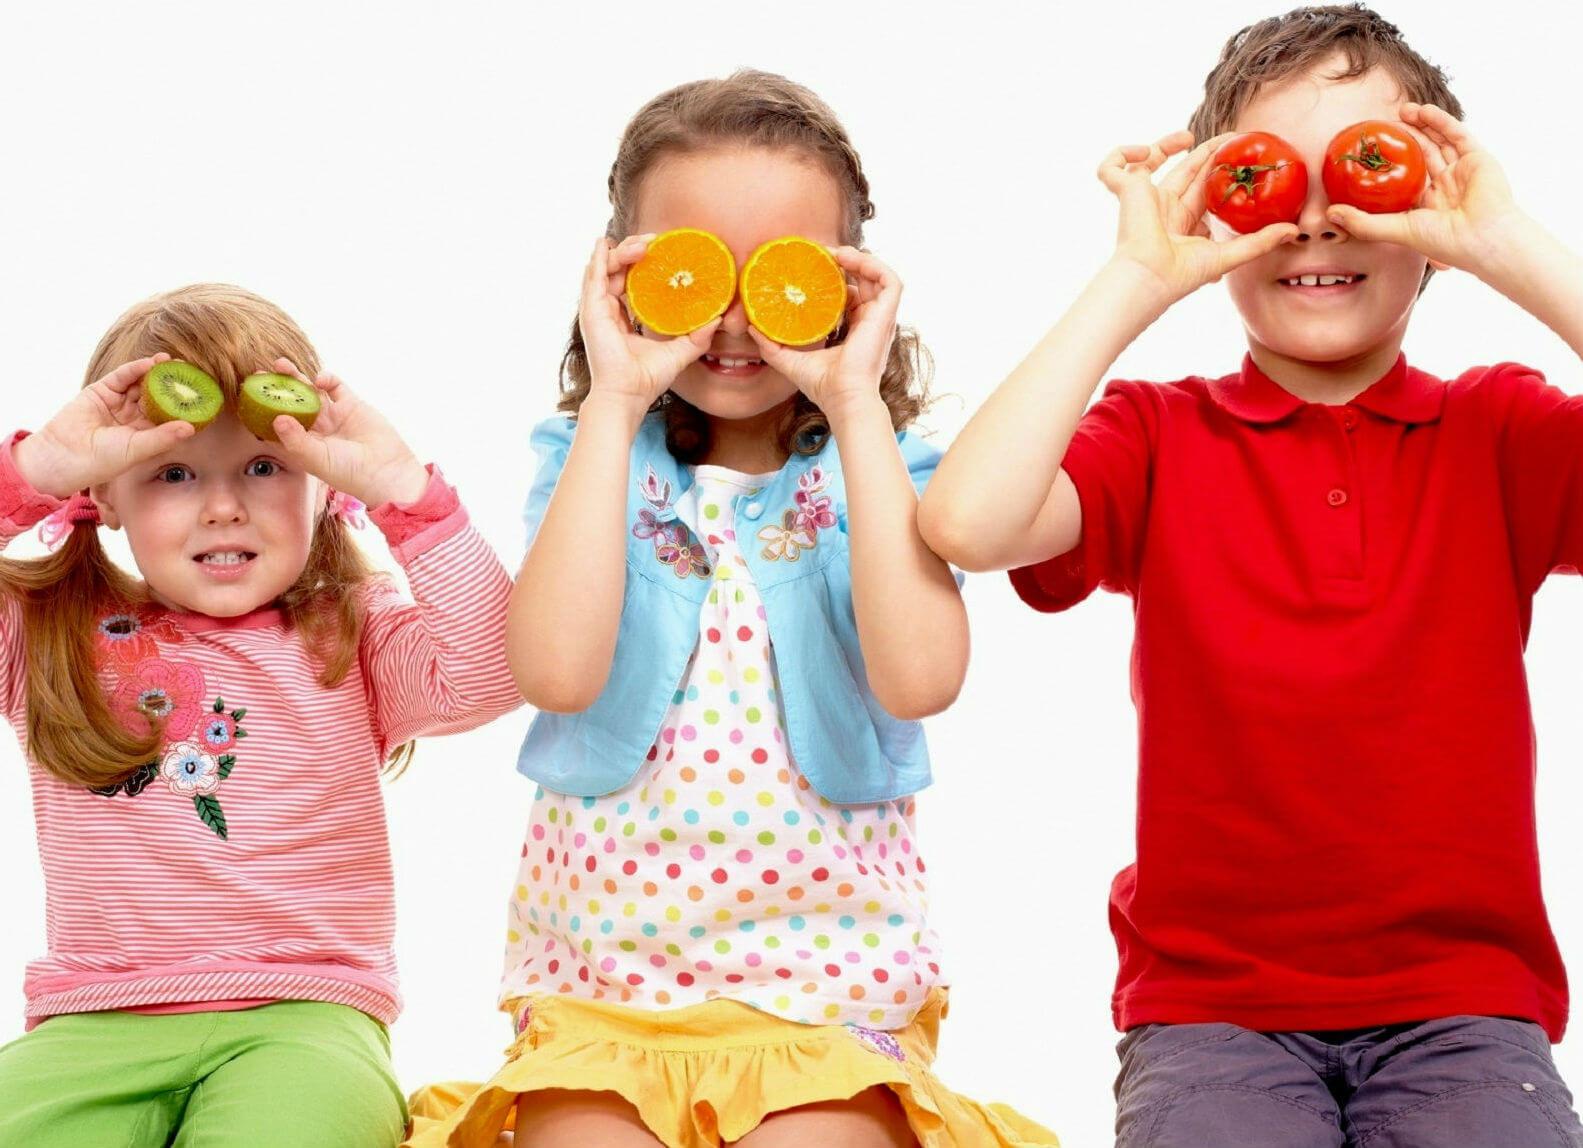 Детский офтальмолог, консультации и показания к ним, как выбрать для ребенка